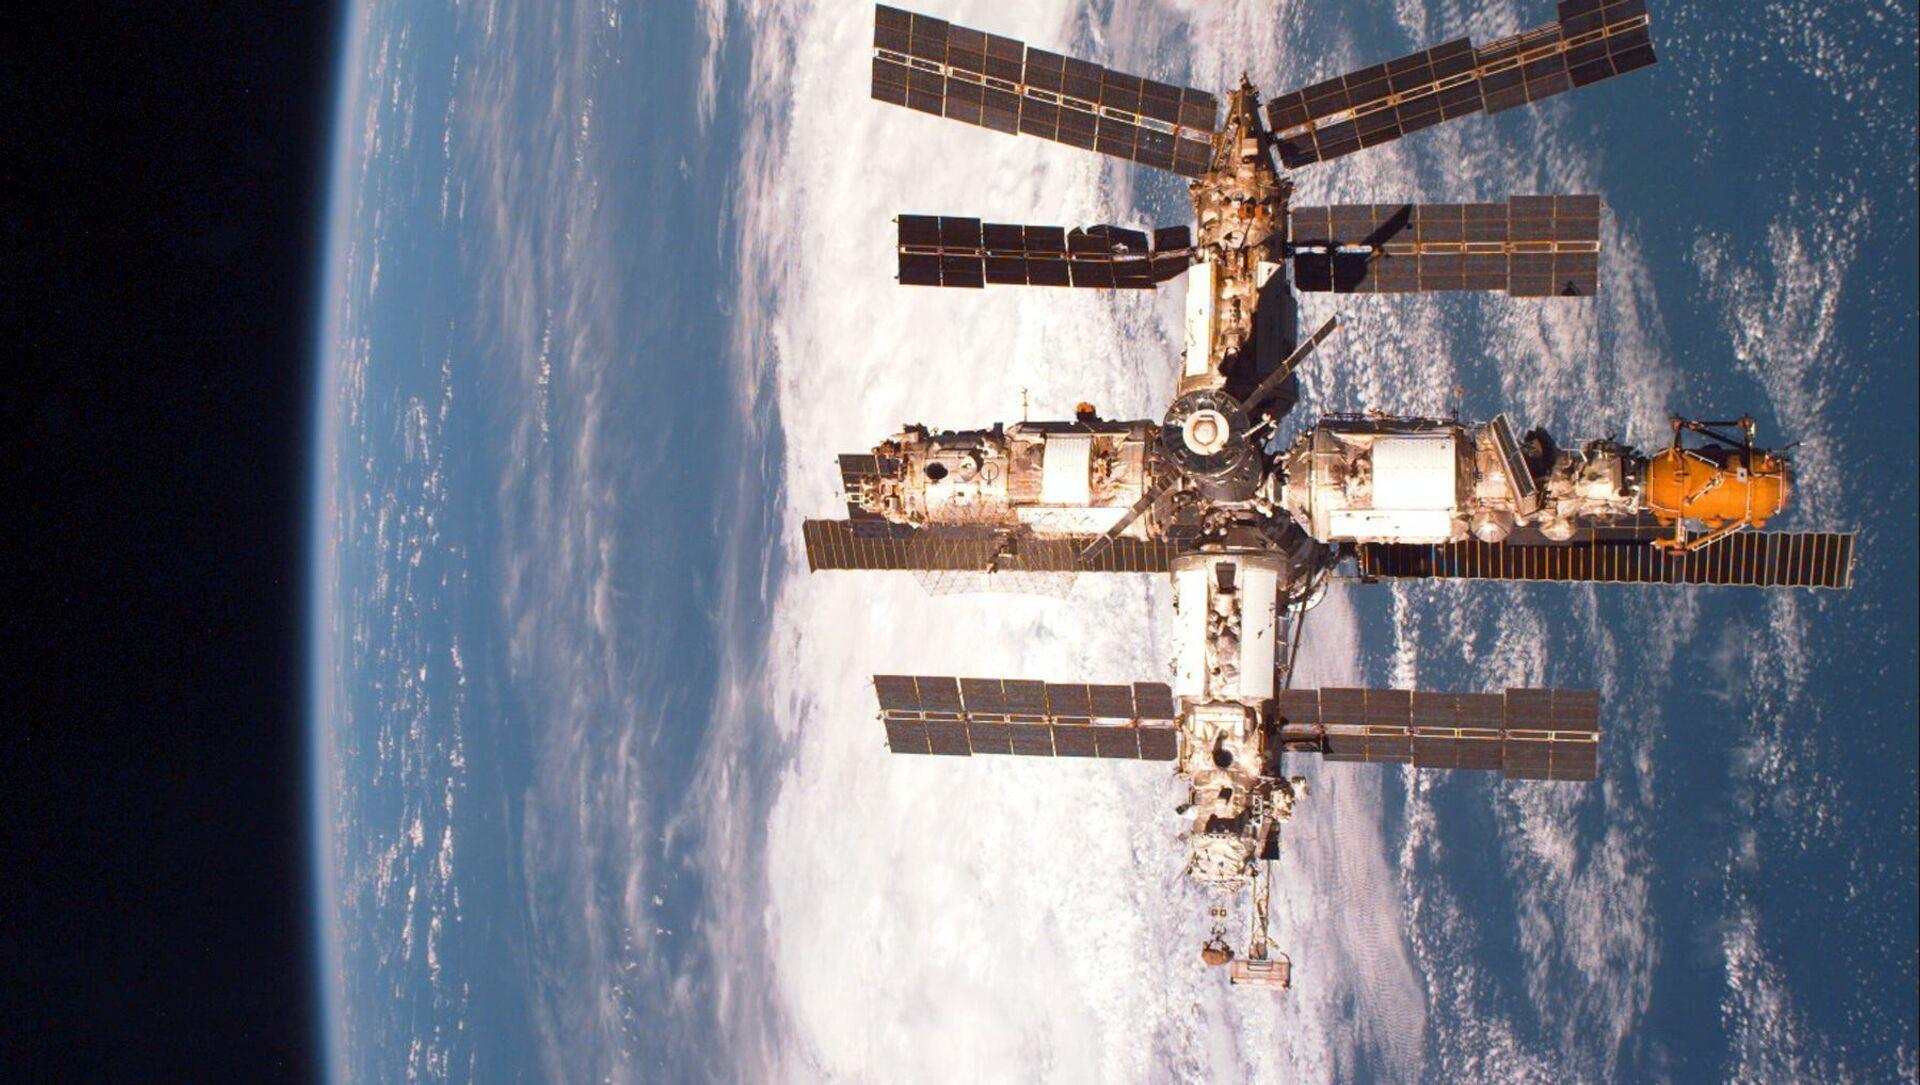 Vesmírná stanice Mir - Sputnik Česká republika, 1920, 20.02.2021